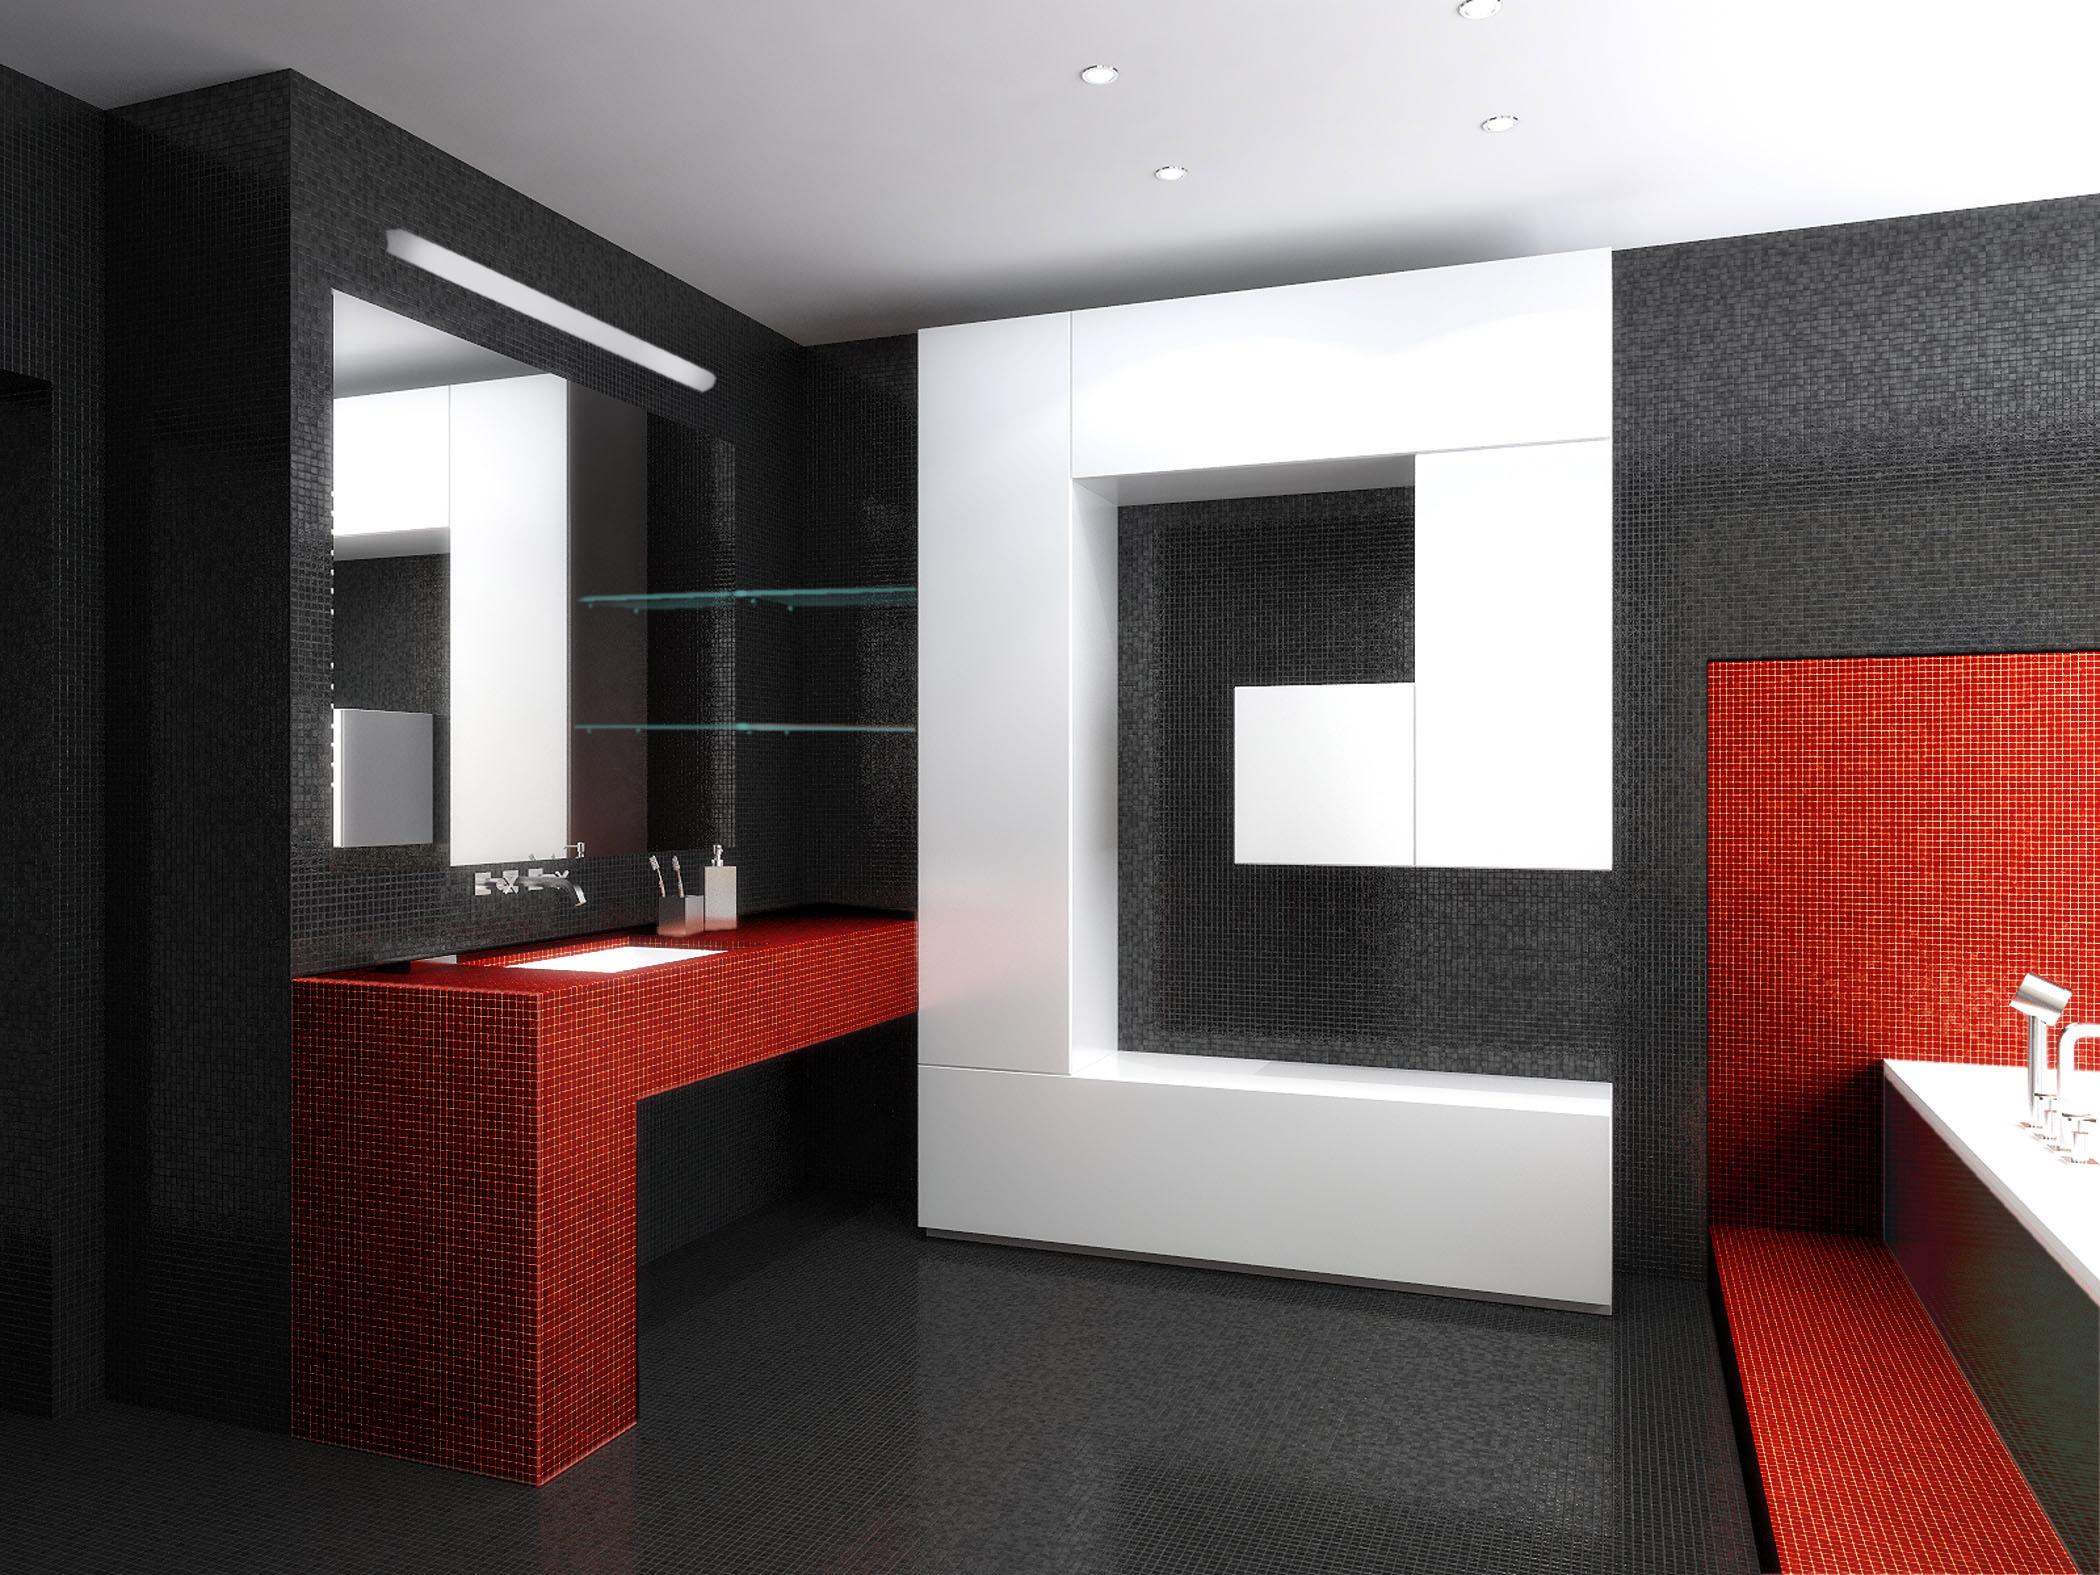 Salle de bain en noir et blanc diluée en rouge